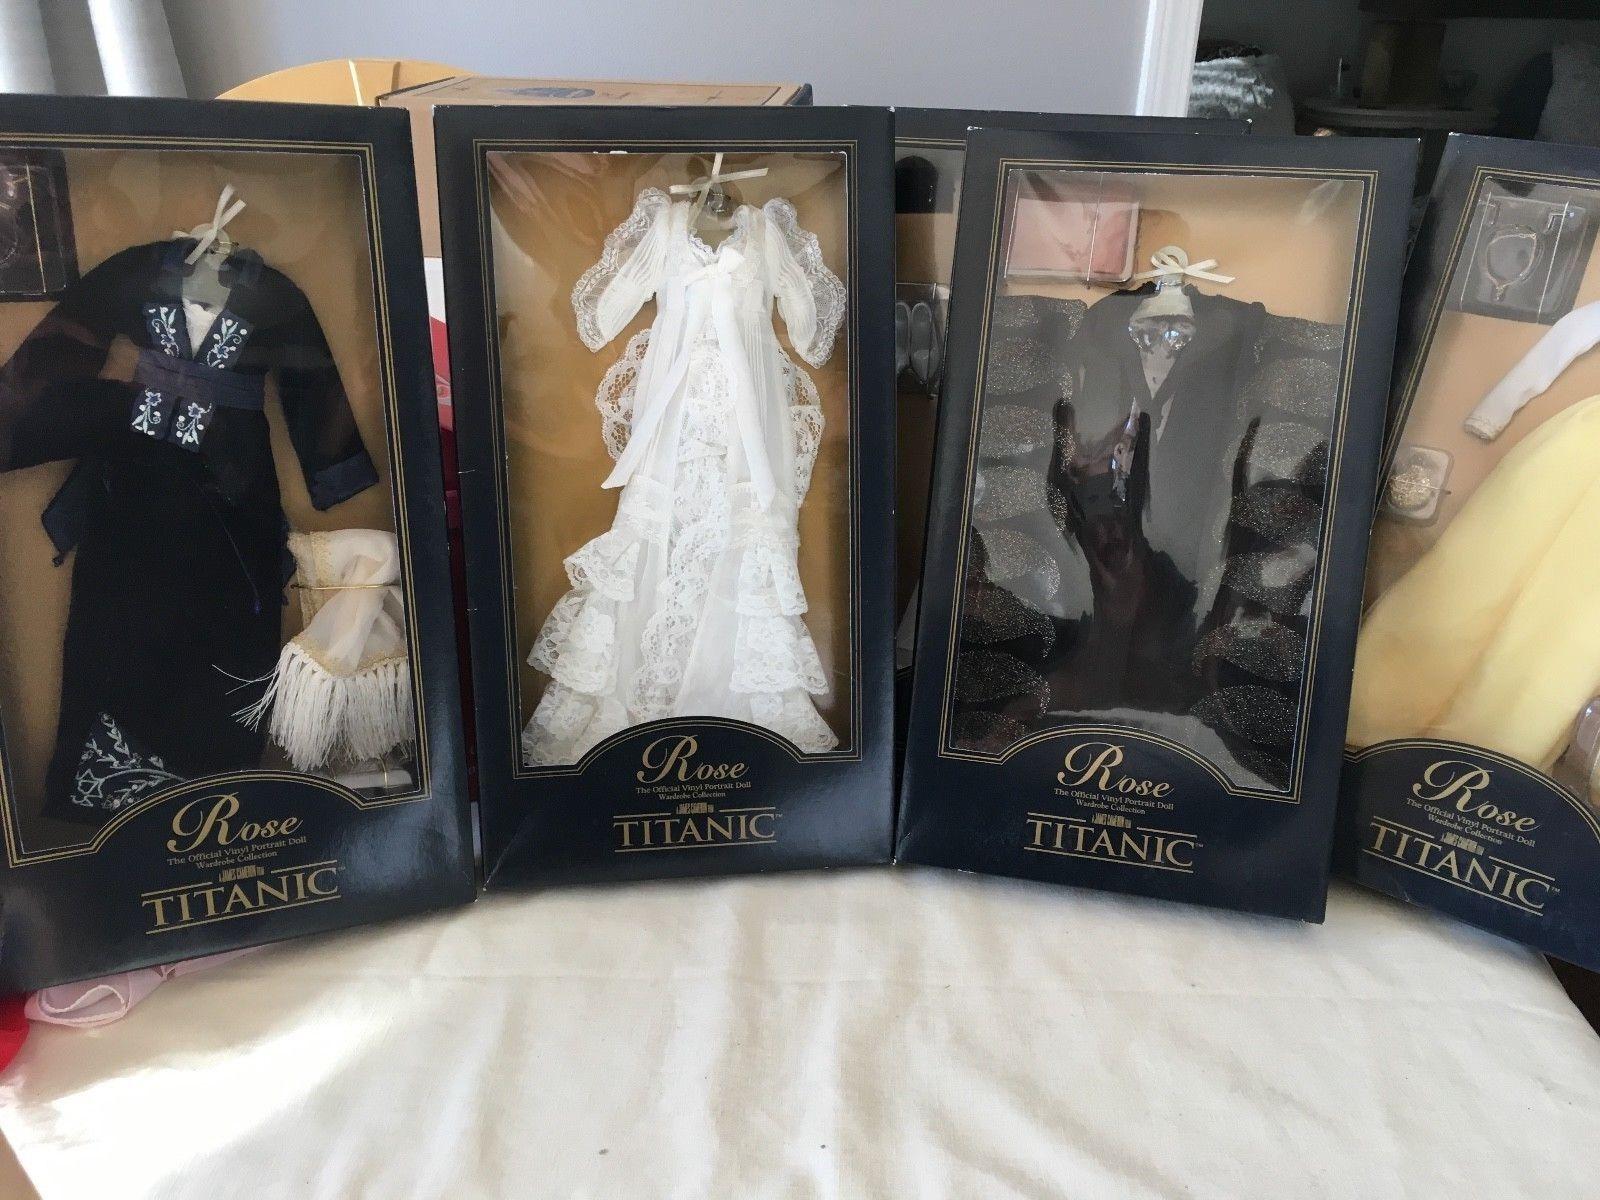 Lote de 4 Franklin Mint Titanic rosado conjunto de muñeca de vinilo de 16  Set todos trajes nunca quitado de la caja